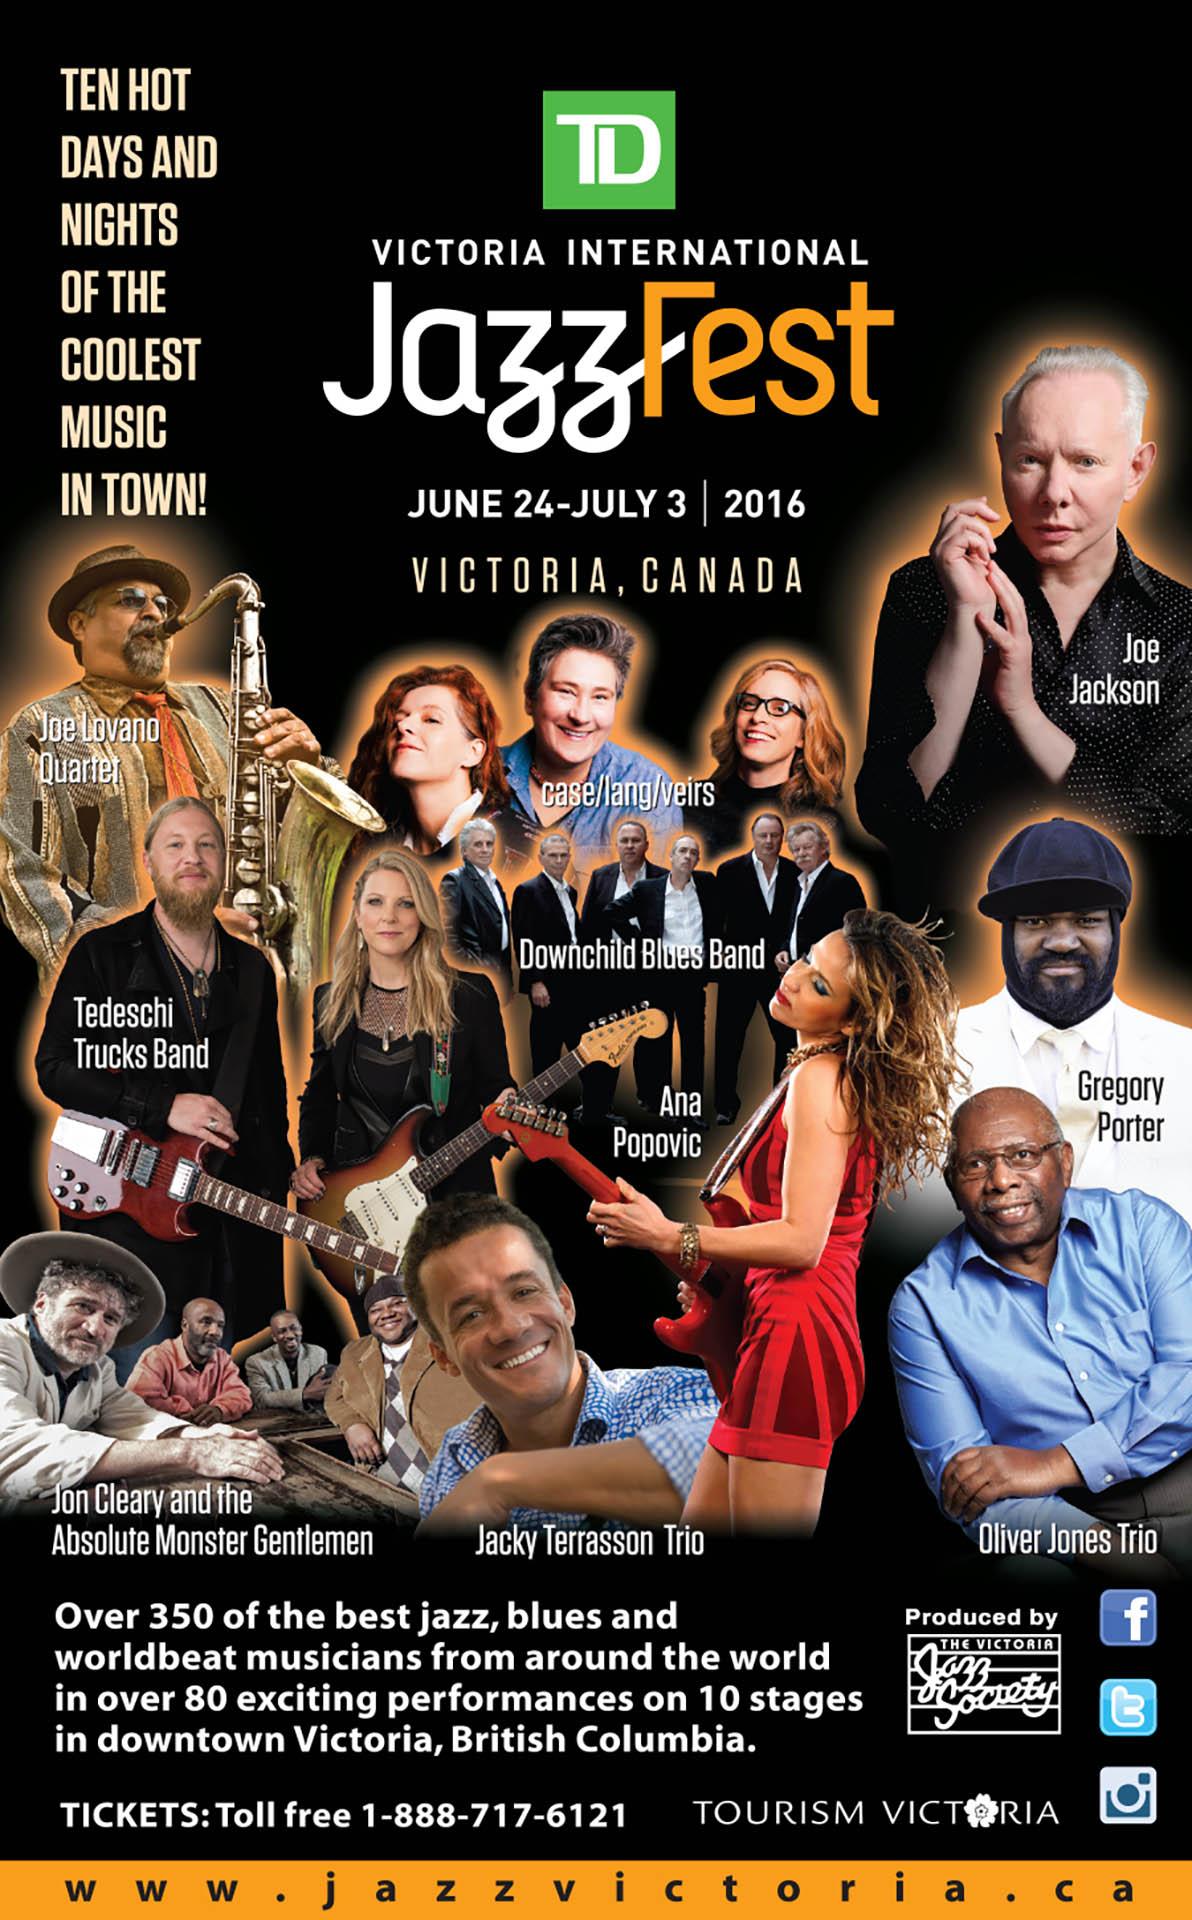 Victoria International Jazz Fest - 2016